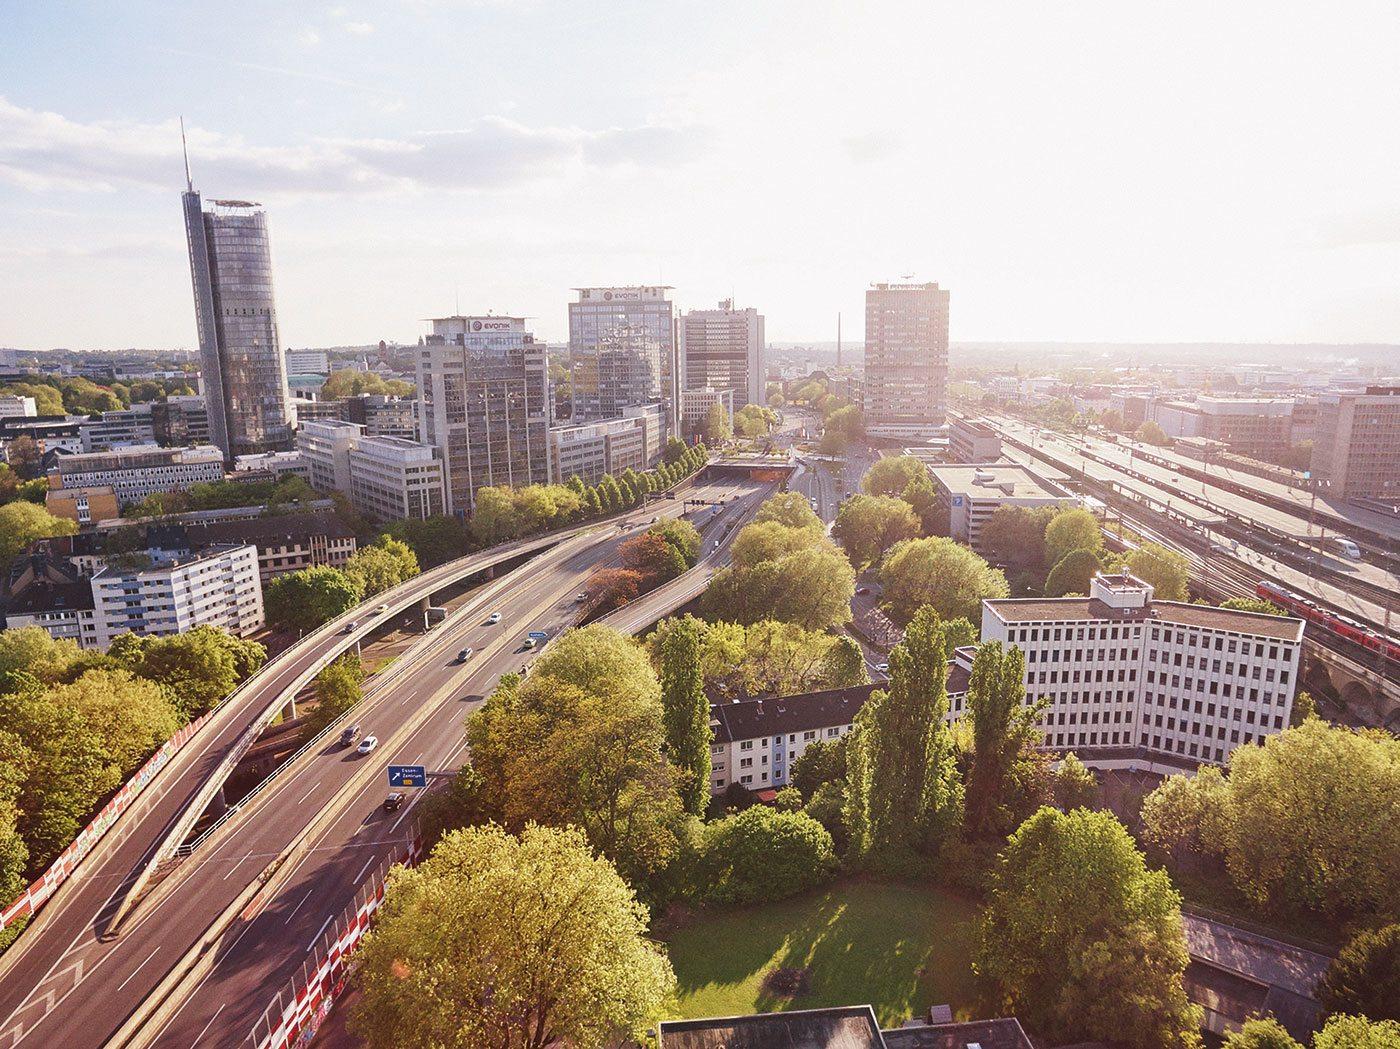 """Essen.  """" ... vor dem RWE-Tower sitzt man mit Blick auf die A40 und hat die Skulptur 'Steile Lagerung' des Düsseldorfer Bildhauers Max Kratz im Rücken und kann den stetigen Strom der A40 zusehen."""" - Florian Kolominski"""